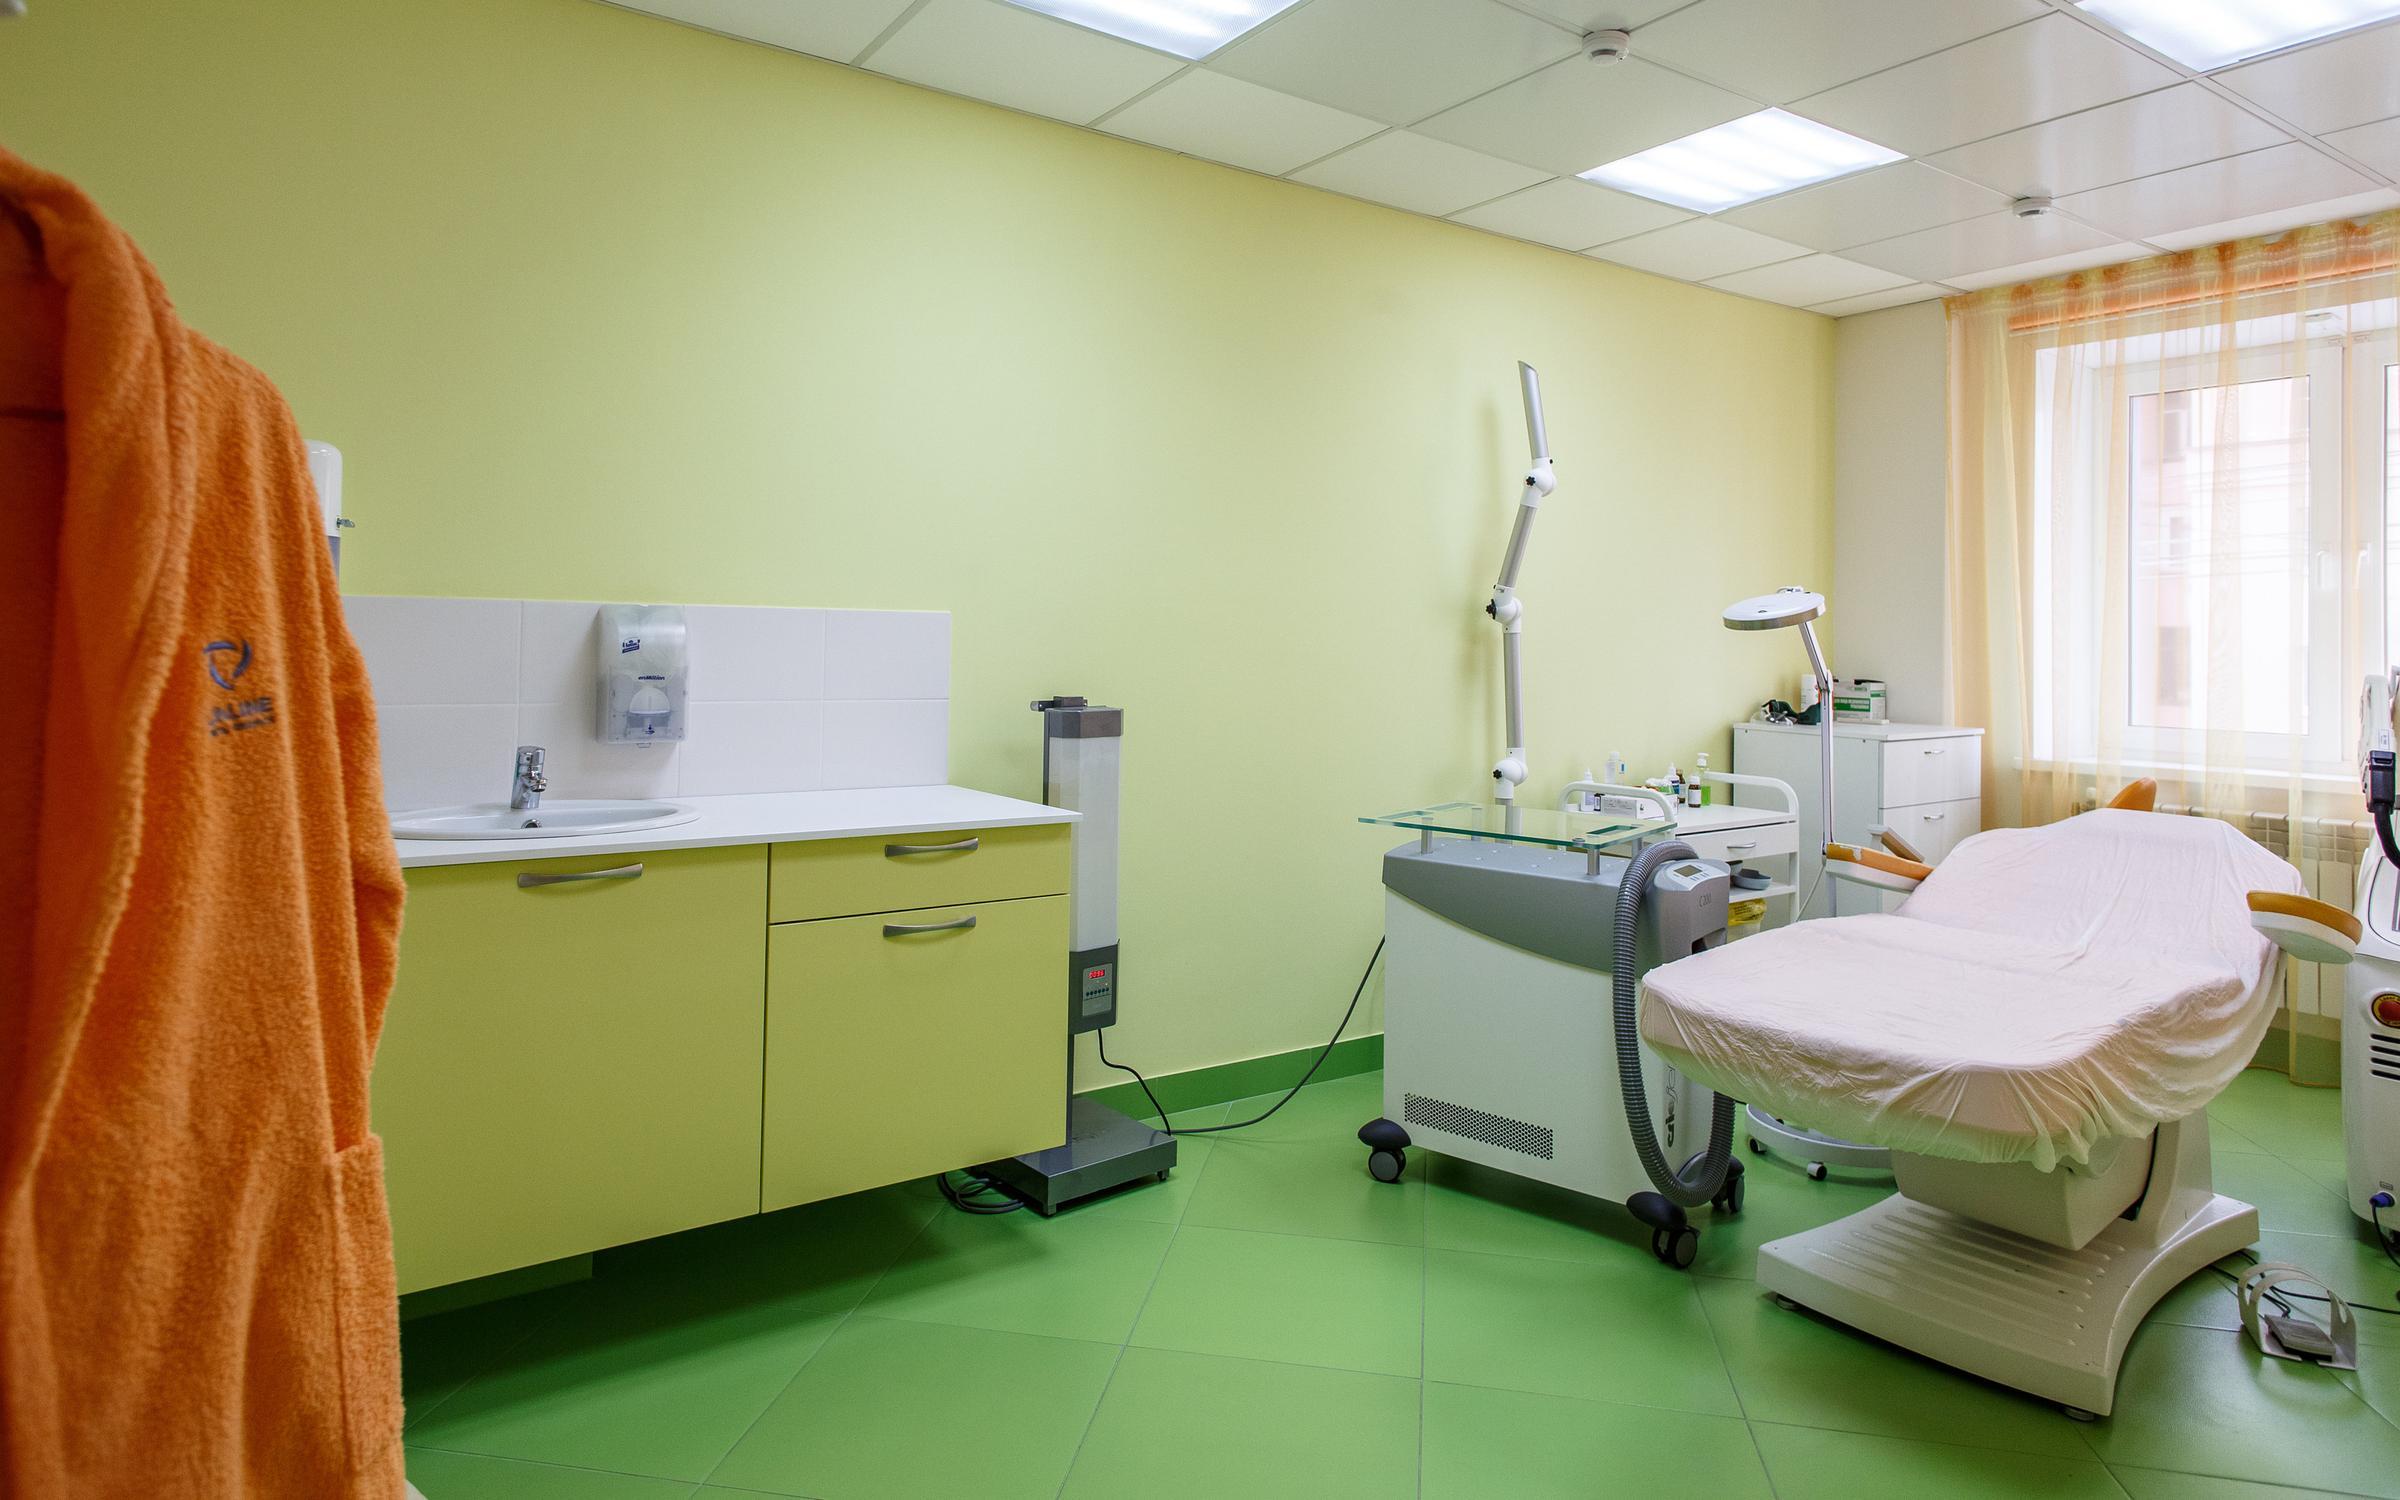 Клиники по увеличению полового члена в челябинске